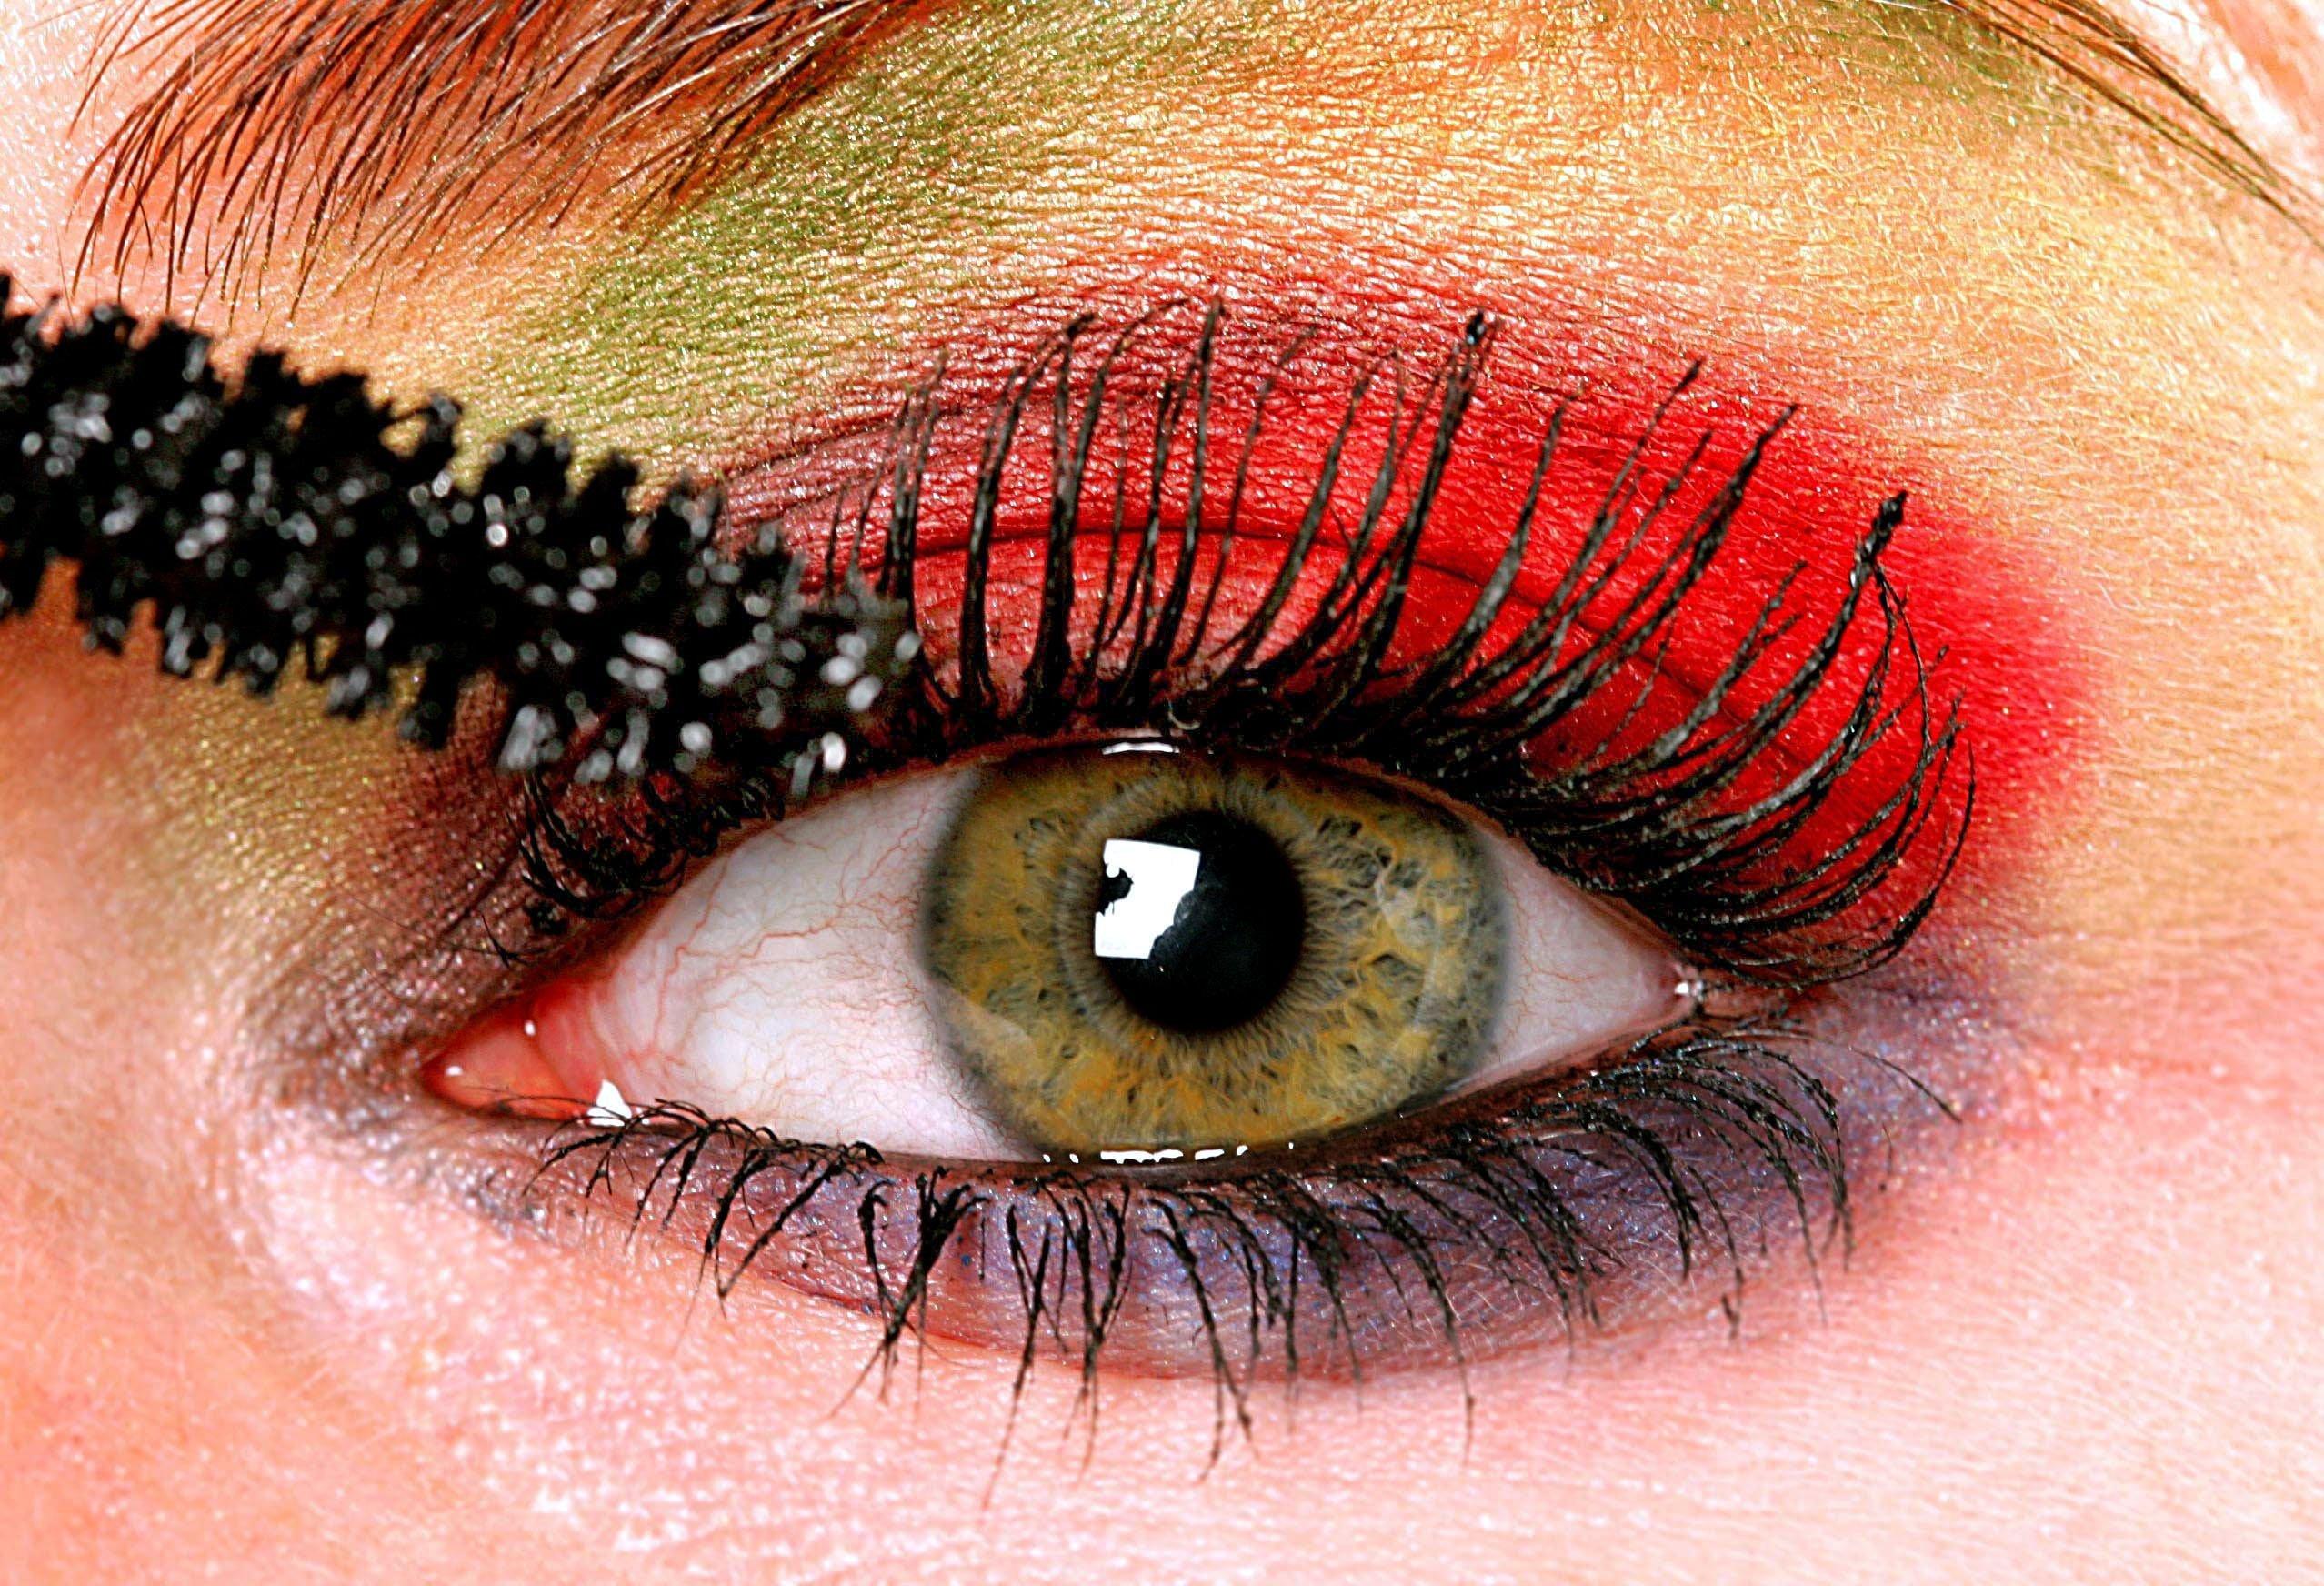 Gesunde Augen sind keine Selbstverständlichkeit: Rund 500.000 Deutsche leiden an erhöhtem Augeninnendruck. 10 % droht die Erblindung.